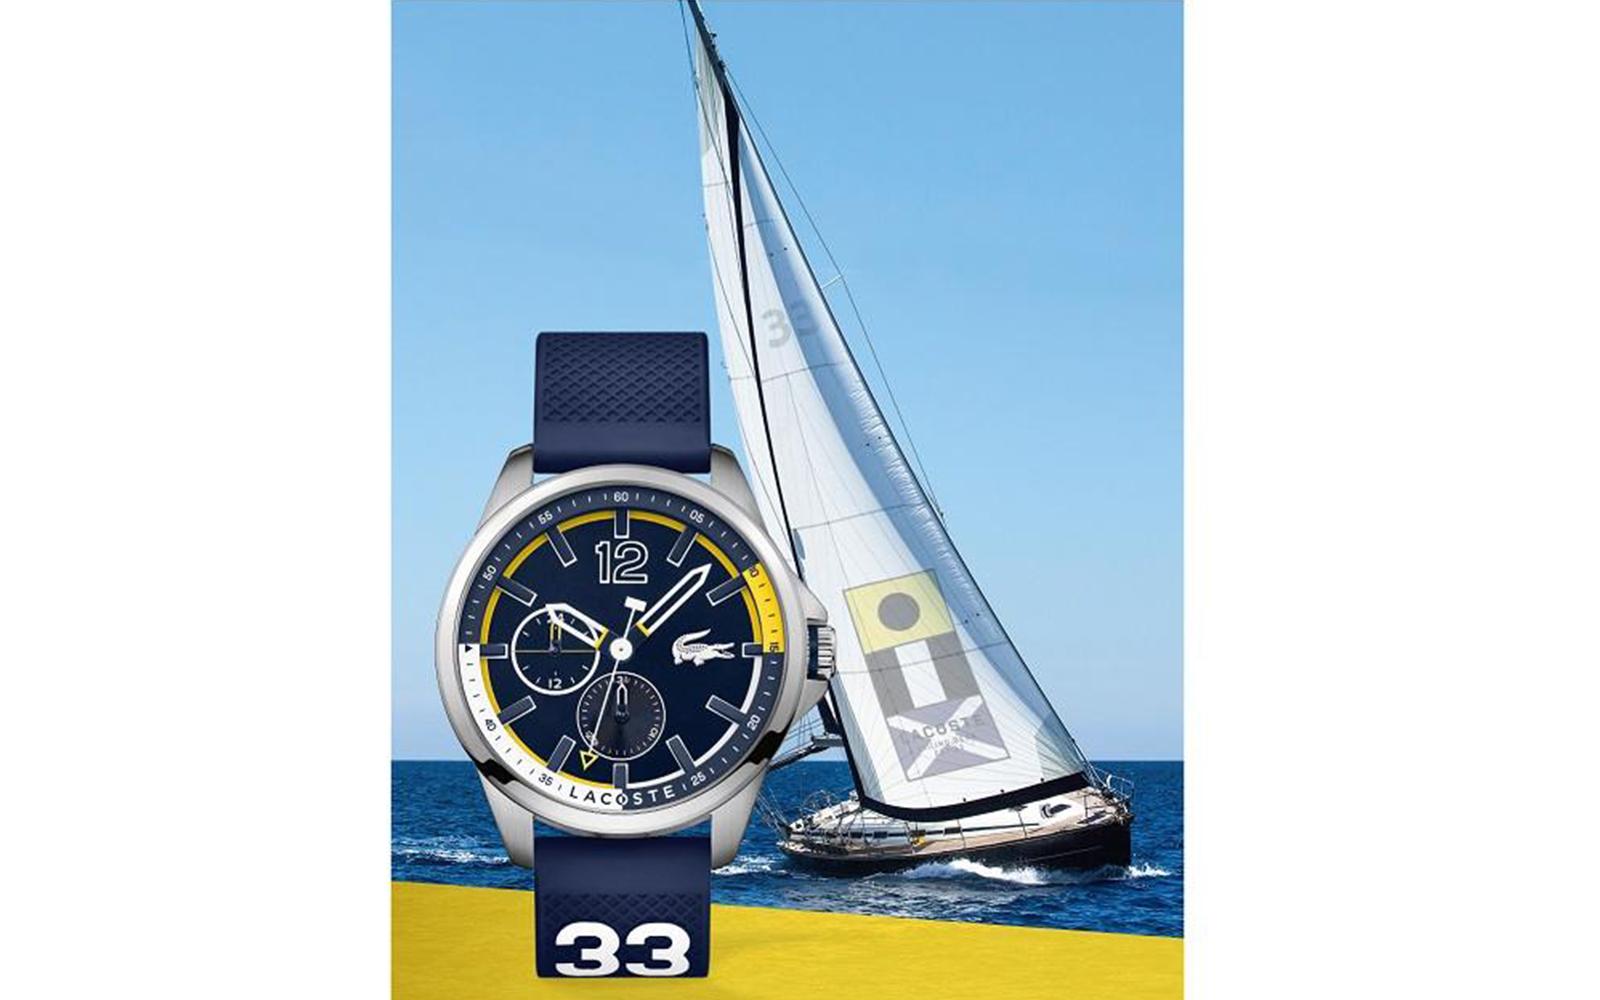 f516fd88cd9 Novo relógio Lacoste Capbreton traz no design herança náutica - Boat ...